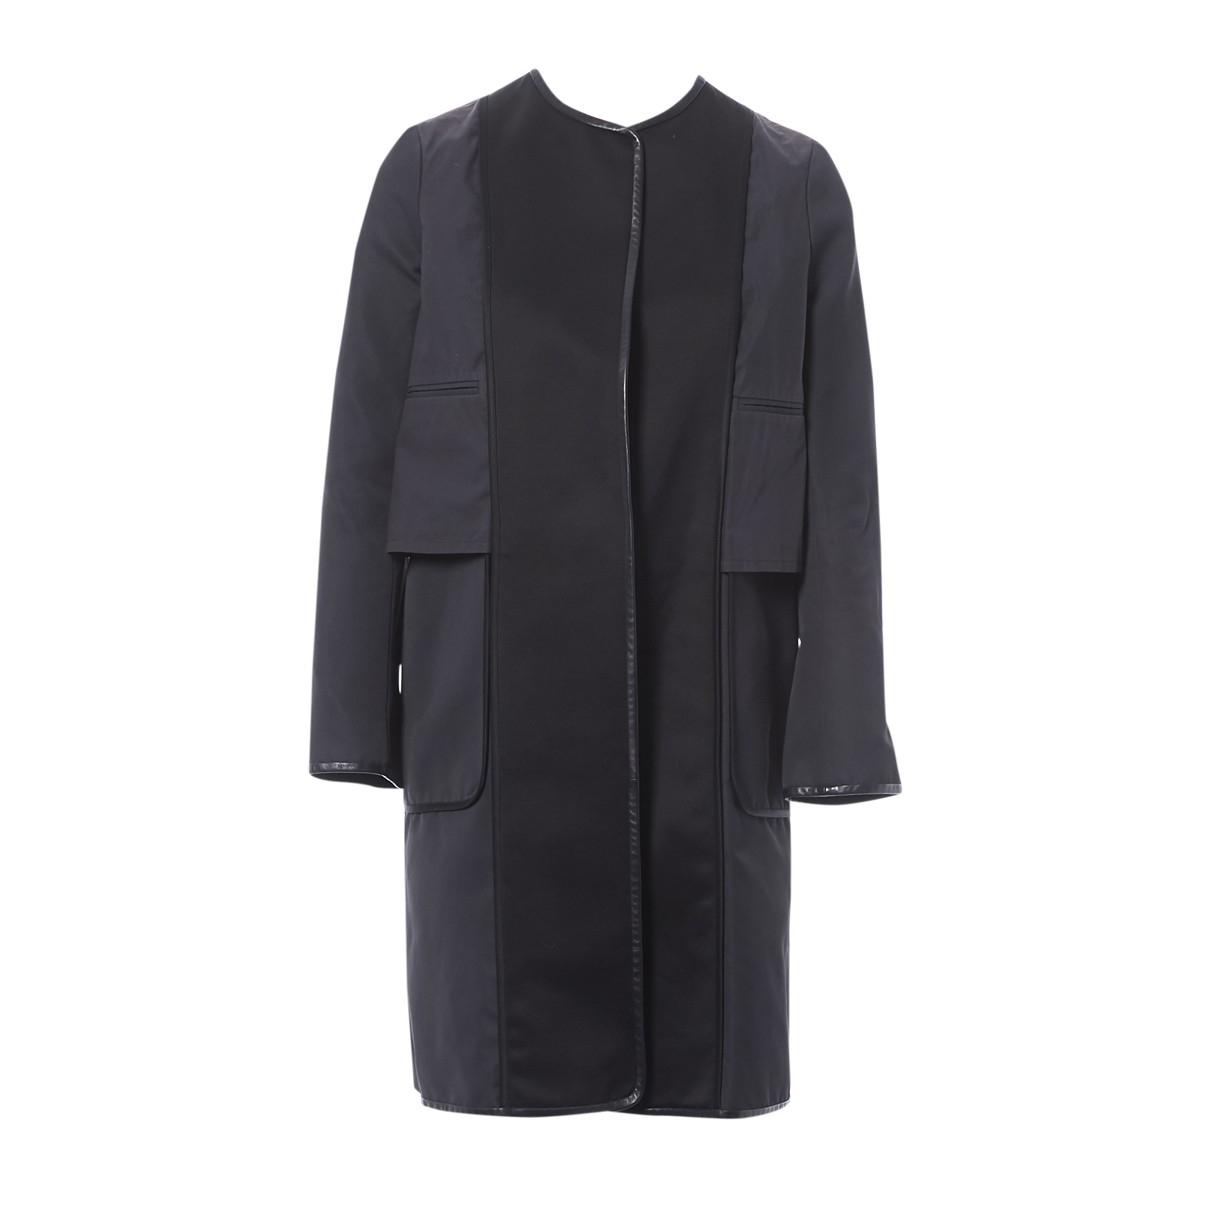 Celine \N Black Cotton jacket for Women 36 FR